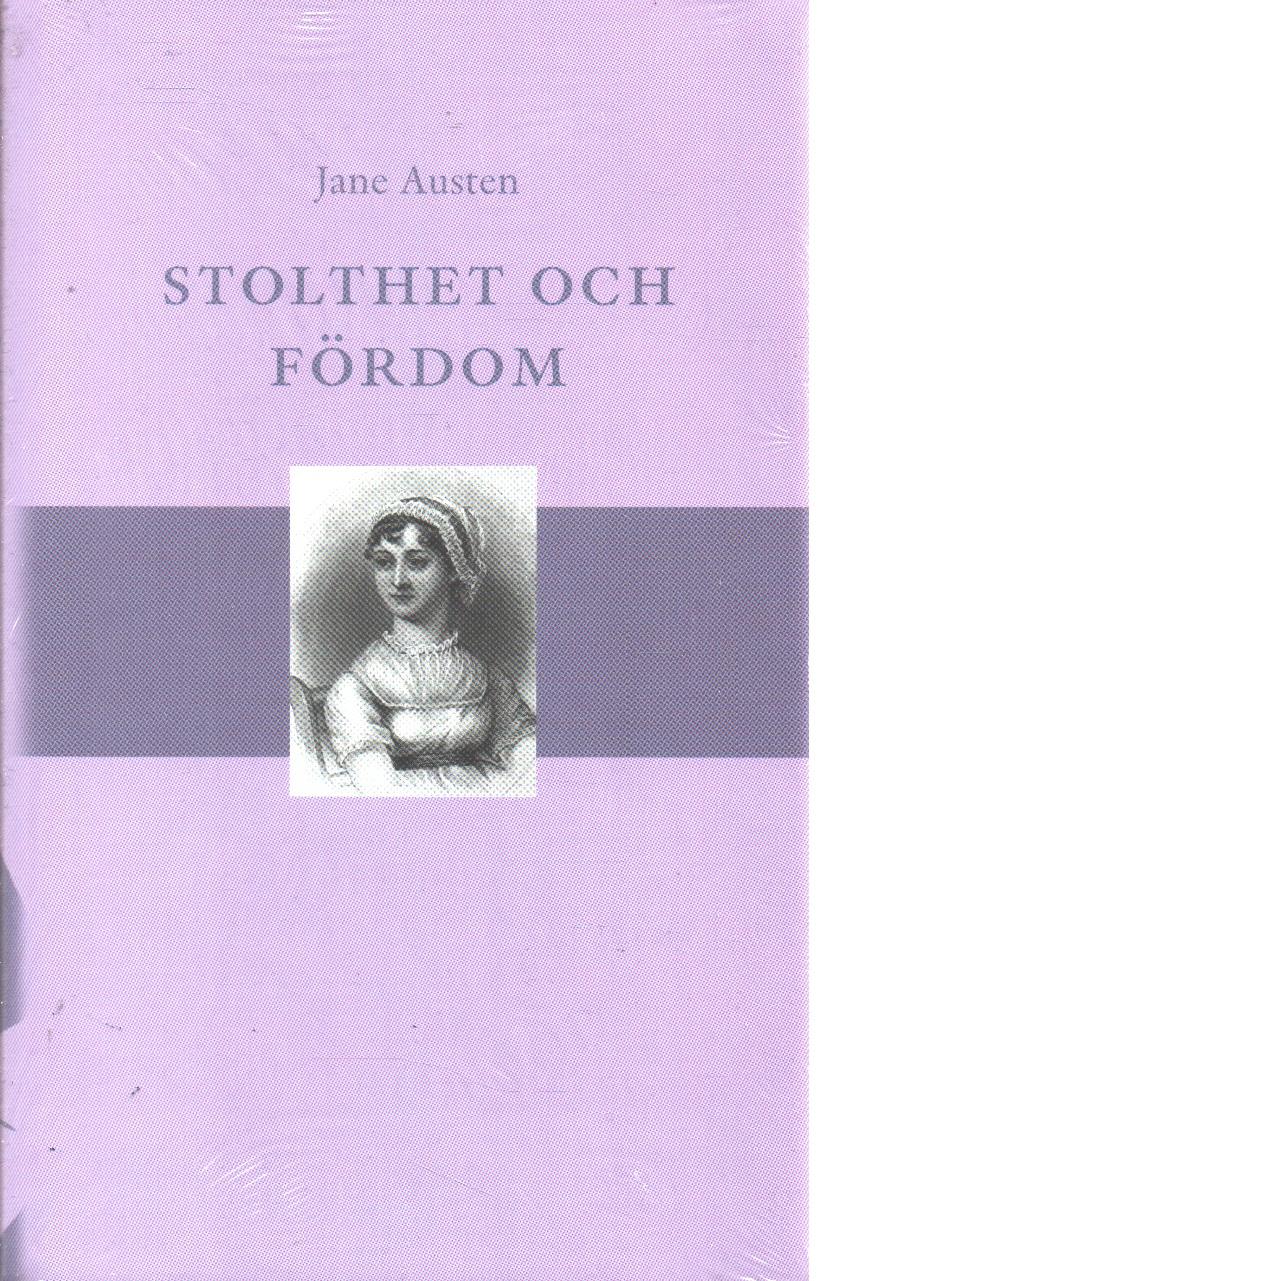 Stolthet och fördom - Austen, Jane